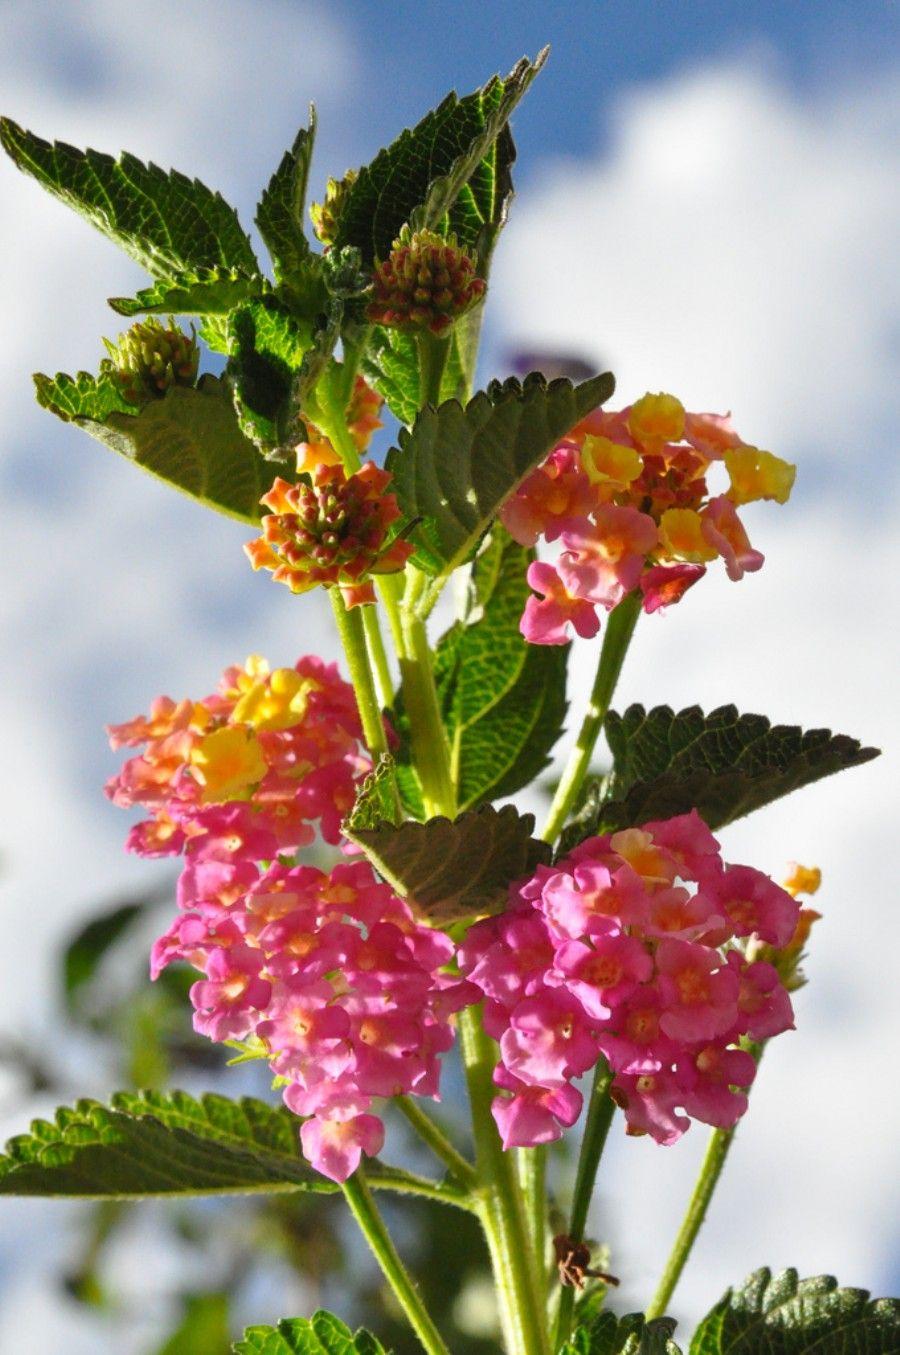 Pin by donna thompson on plants and flowers pinterest butterfly les 20 plus belles fleurs dans le monde izmirmasajfo